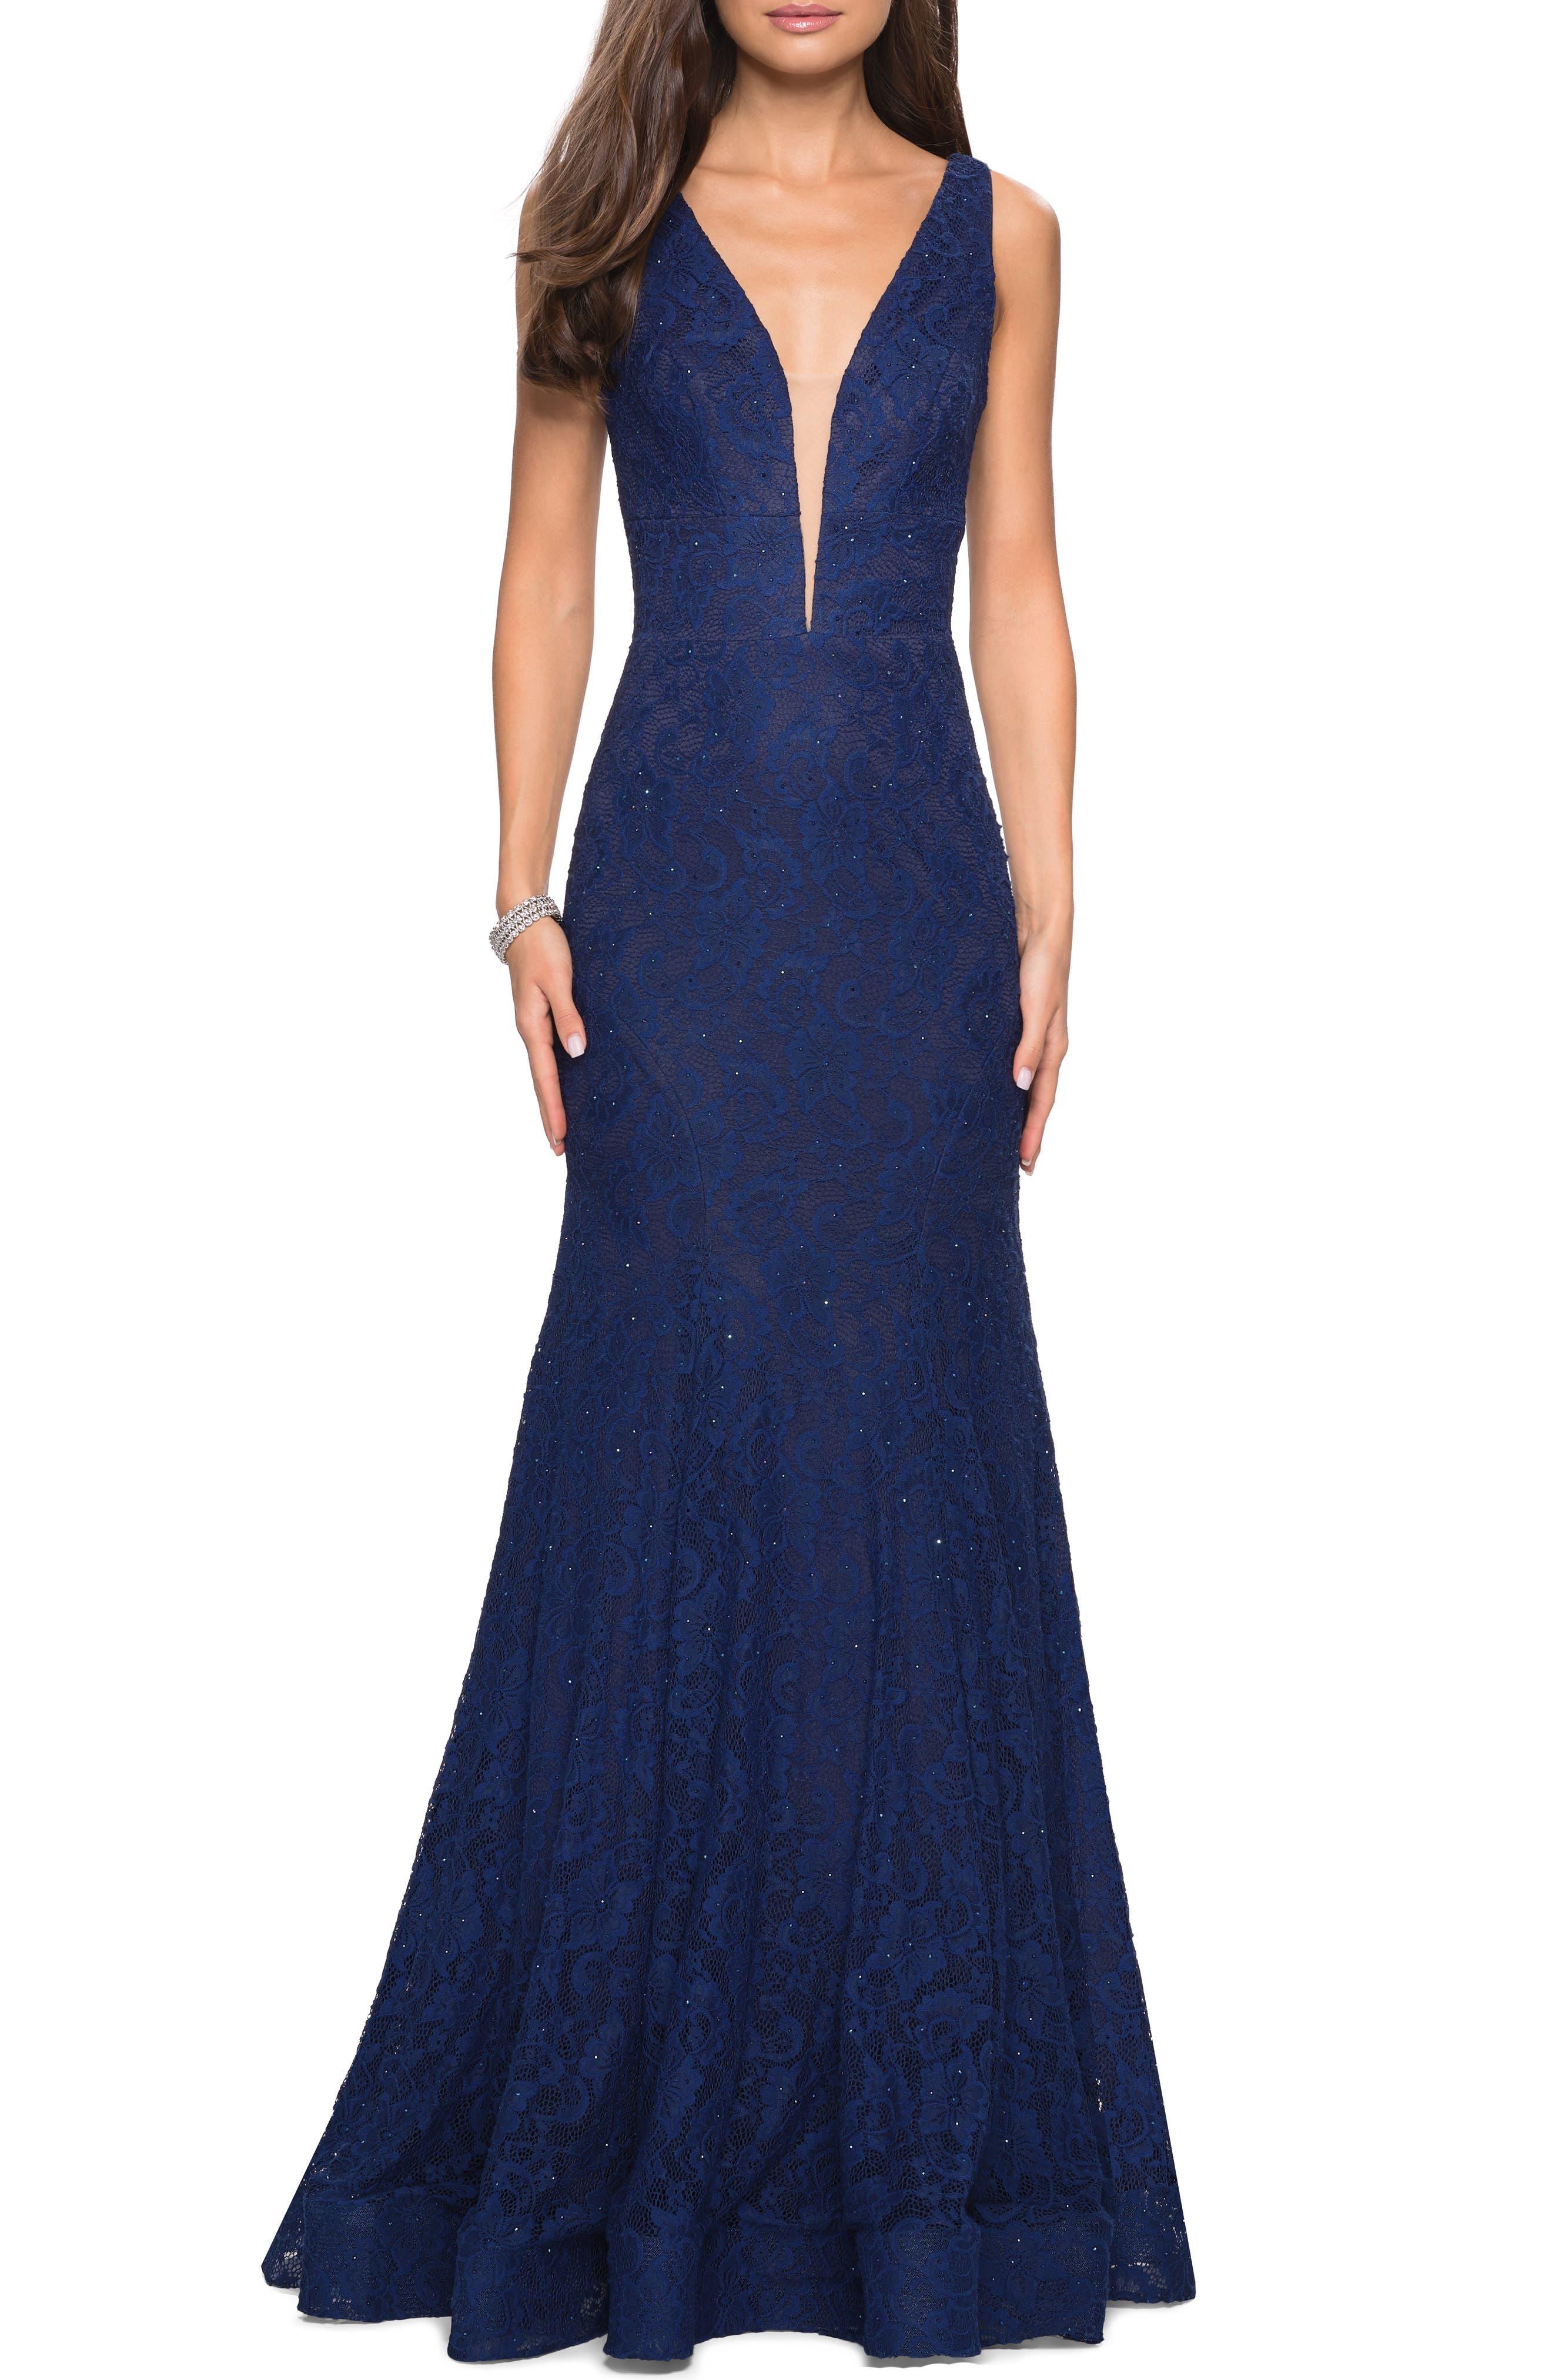 La Femme Plunge Neck Lace Evening Dress With Train, Blue